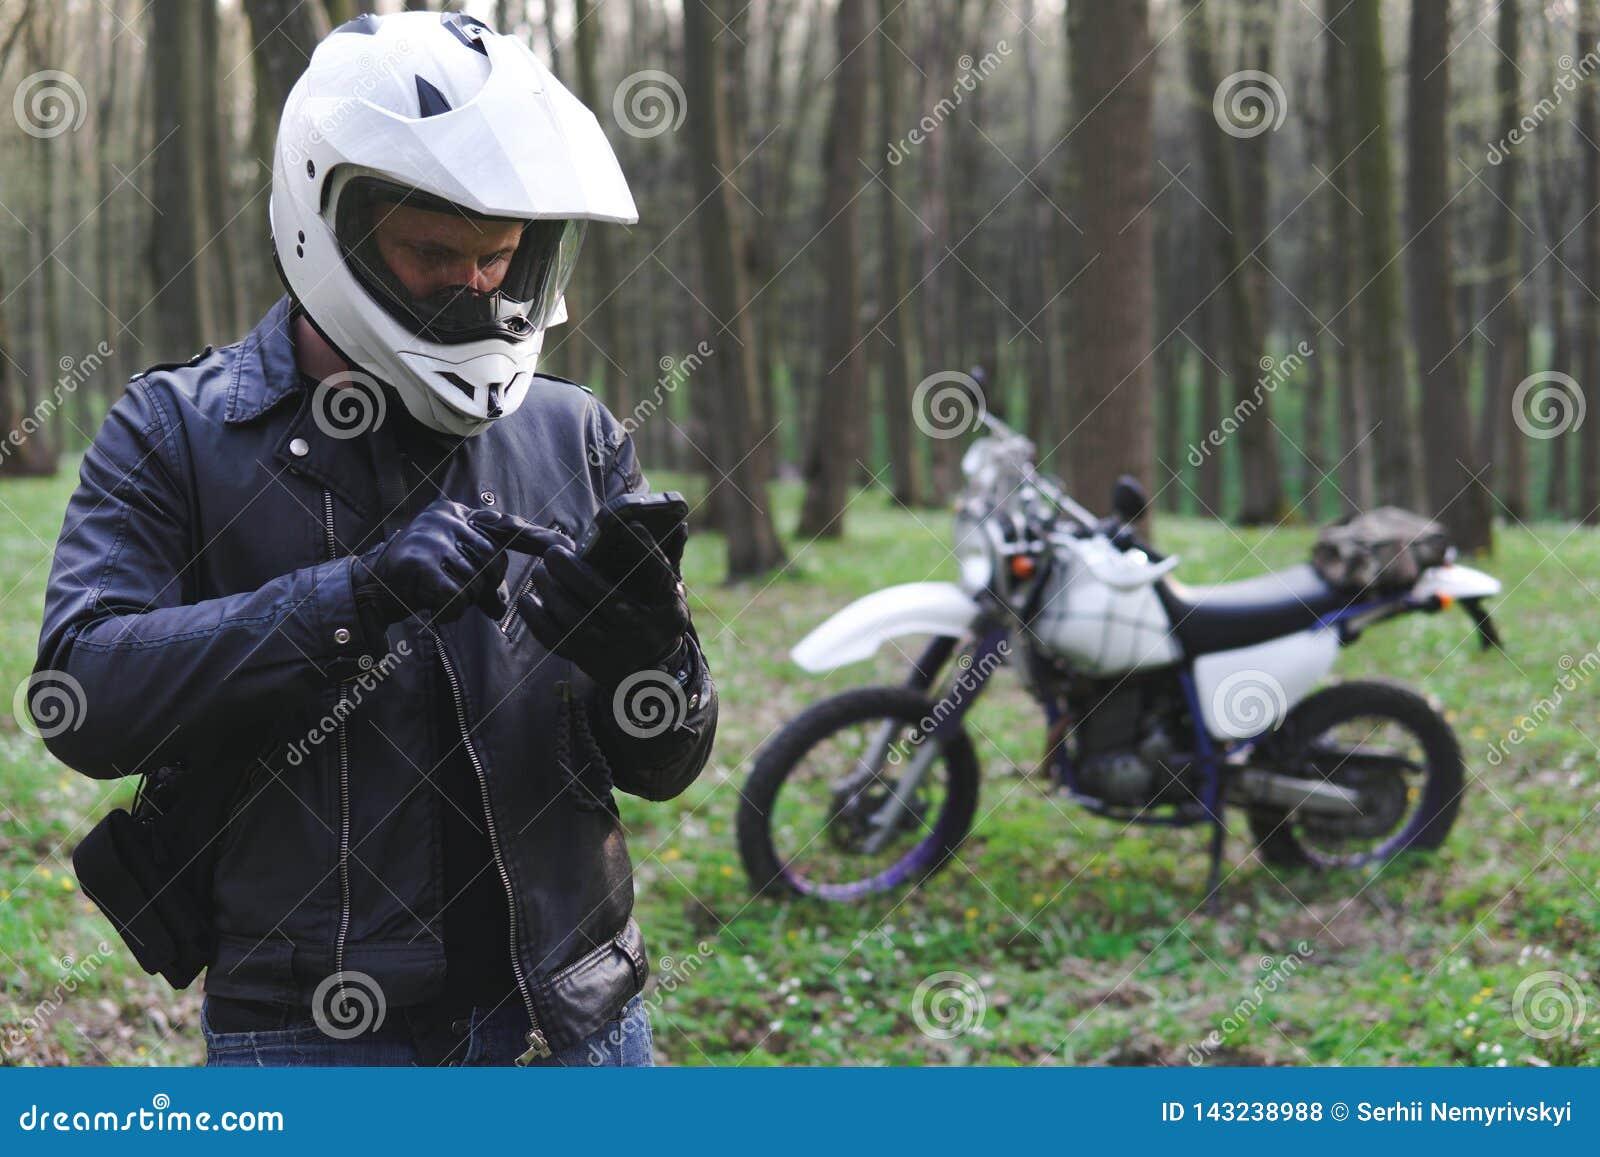 Klasyczny enduro motocykl z drogi w wiosna lesie, mężczyzna w eleganckiej skórzanej kurtce używa smartphone, motocyklista przekła